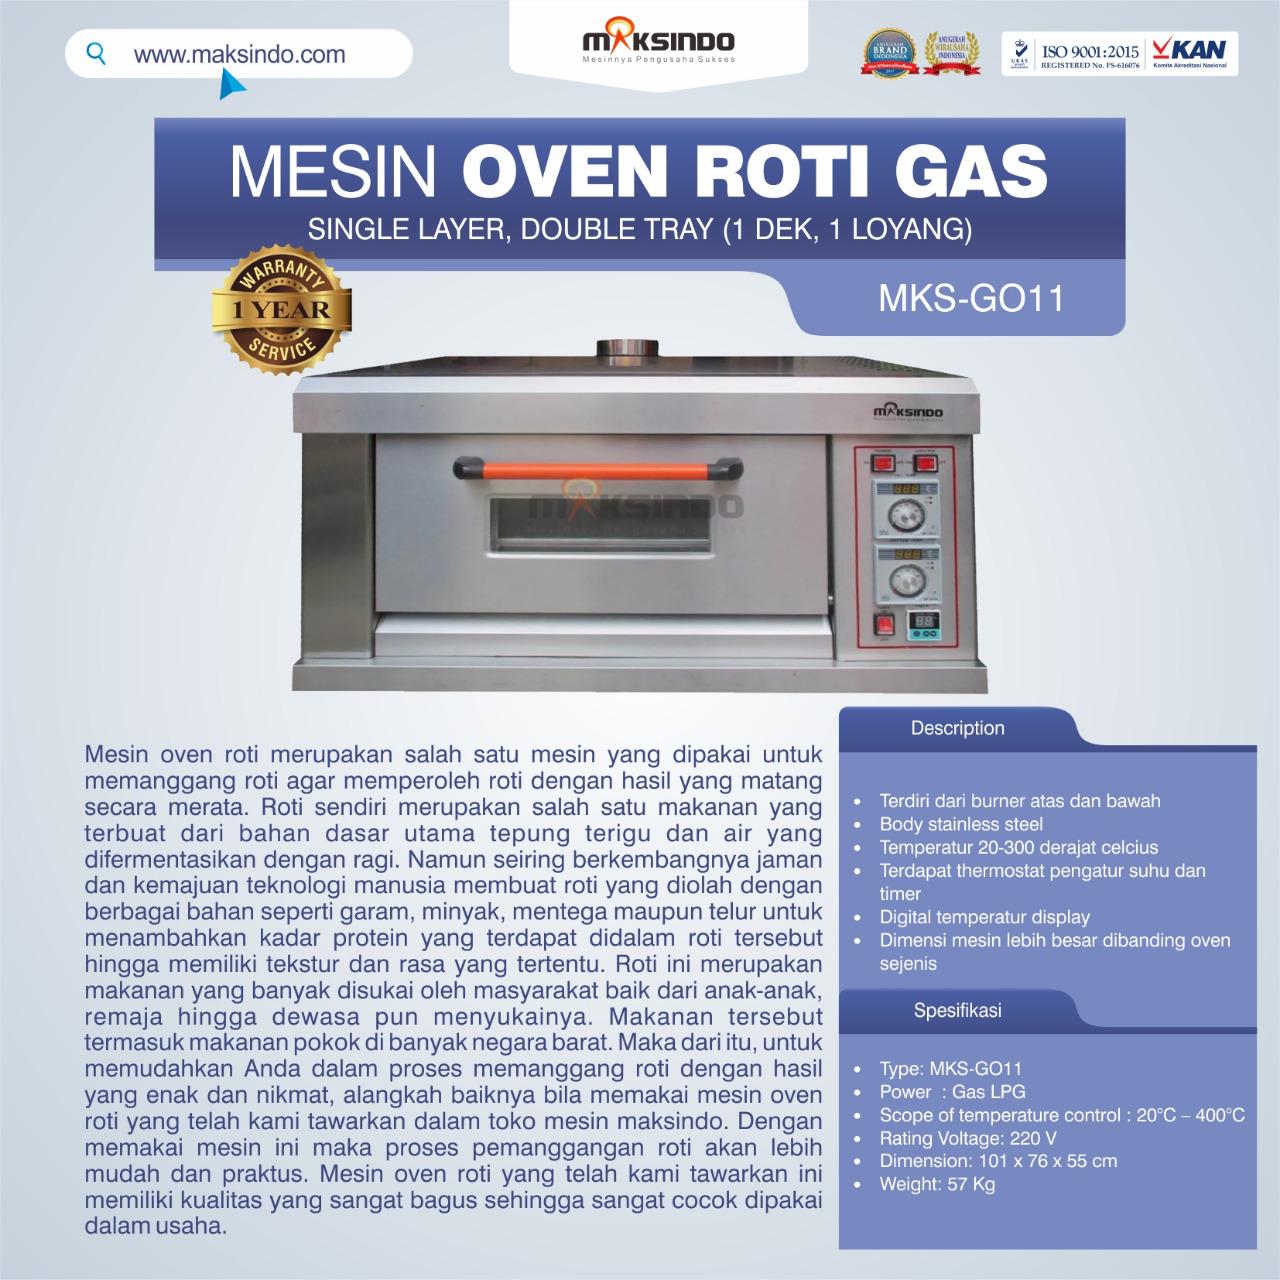 Jual Mesin Oven Roti Gas (MKS-GO11) di Banjarmasin